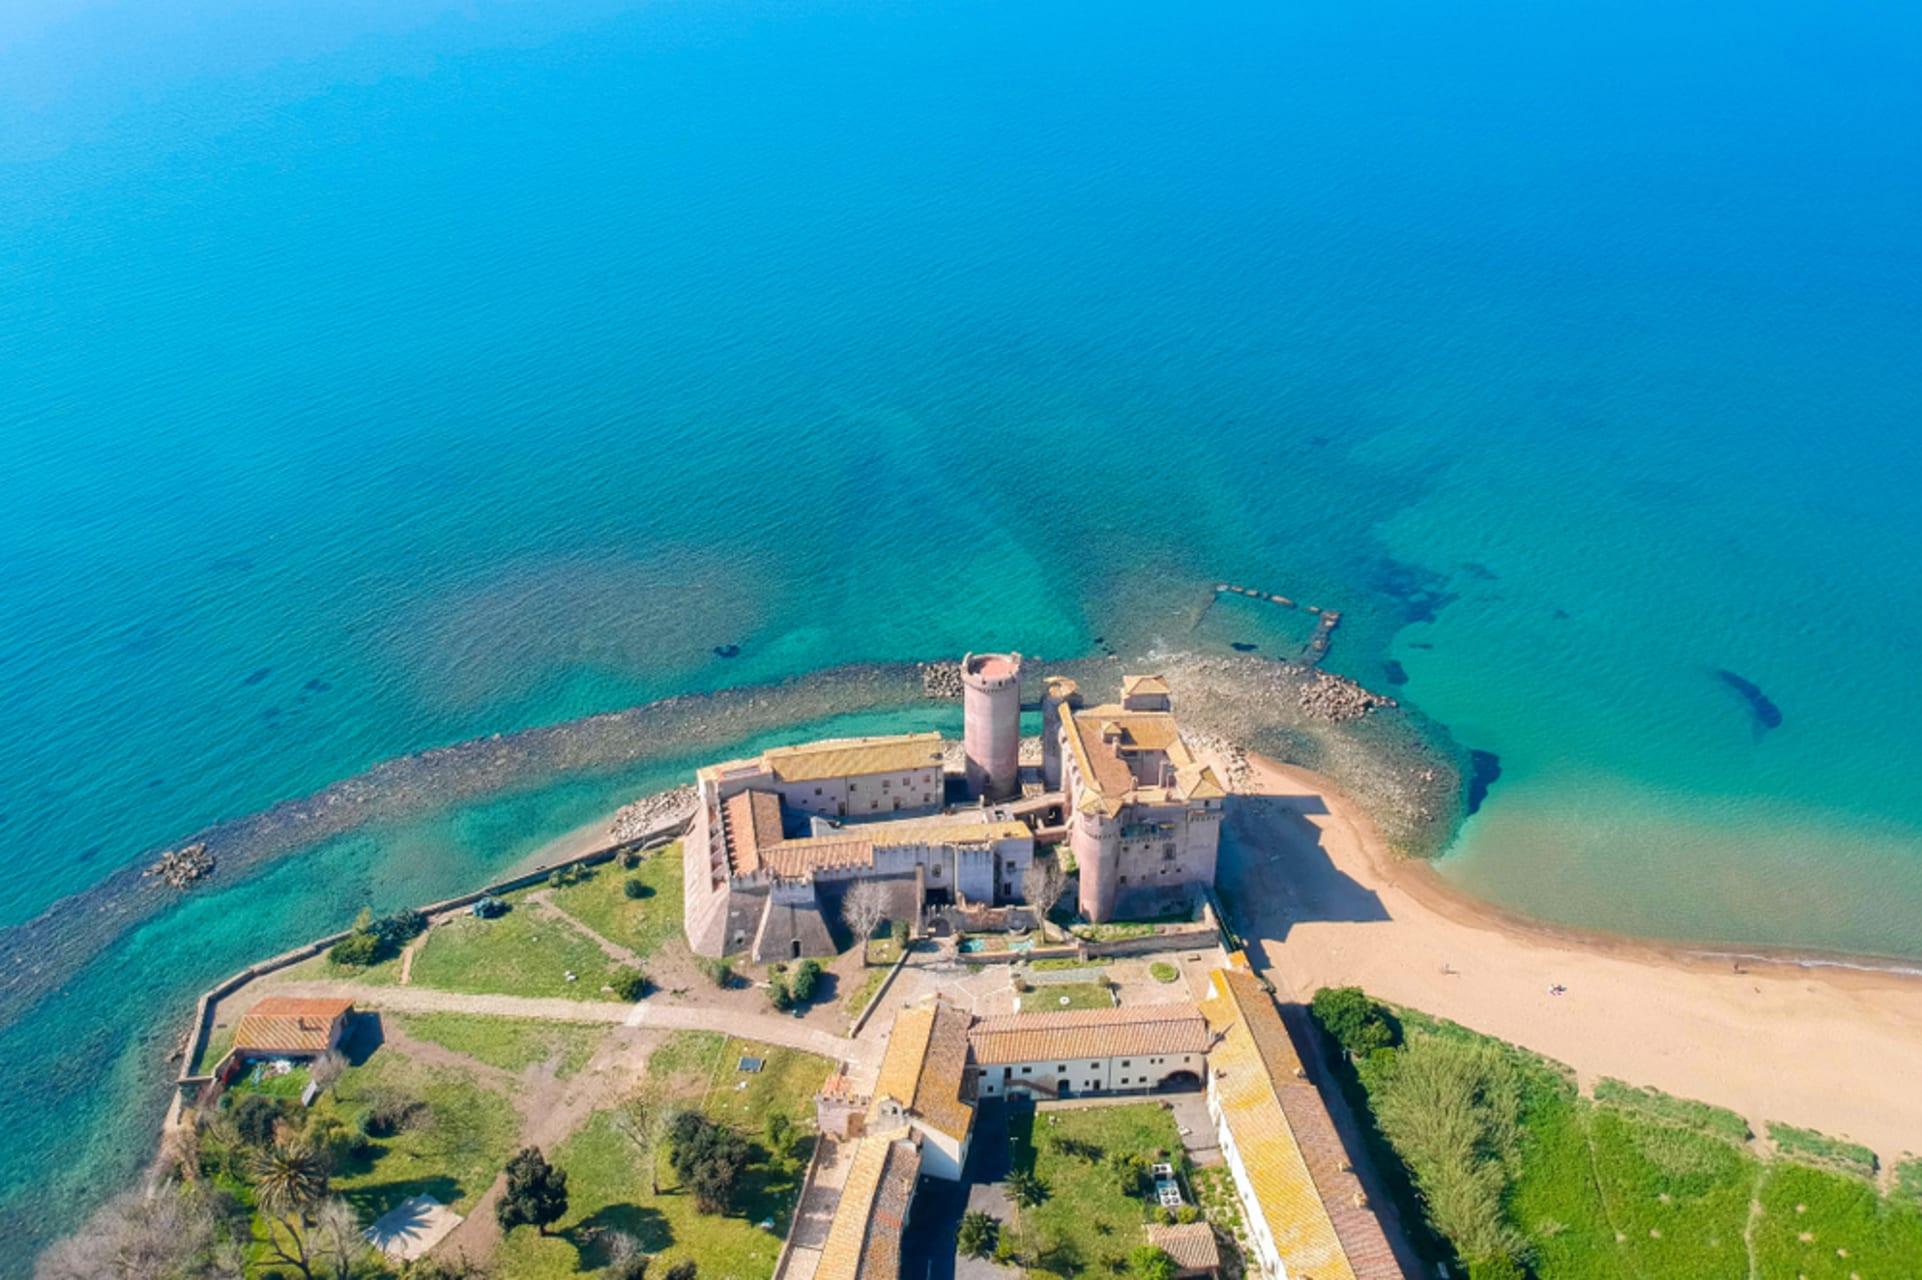 Lazio - Santa Severa - a Castle by the sea